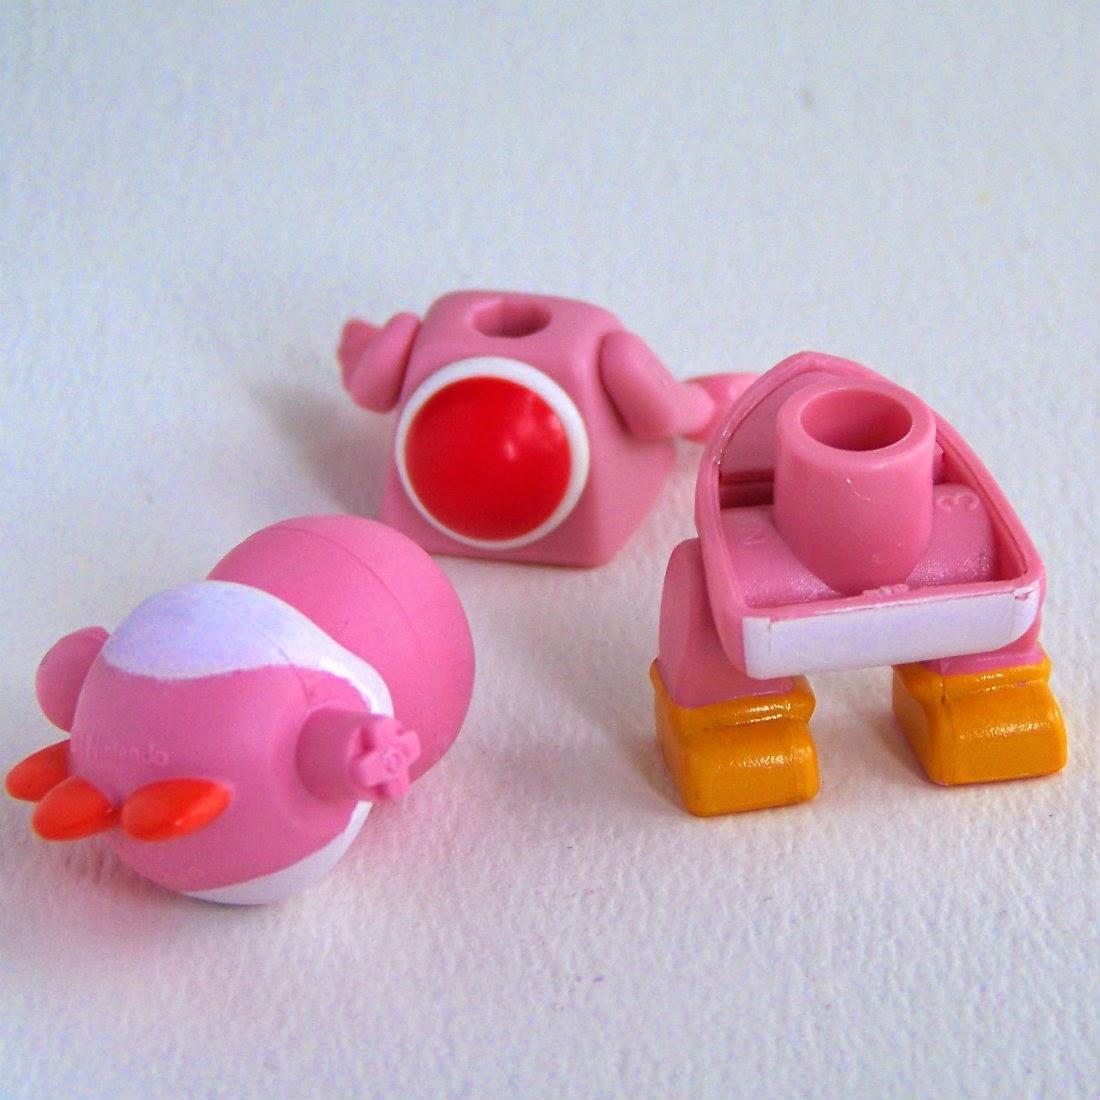 K'nex Pink Yoshi review